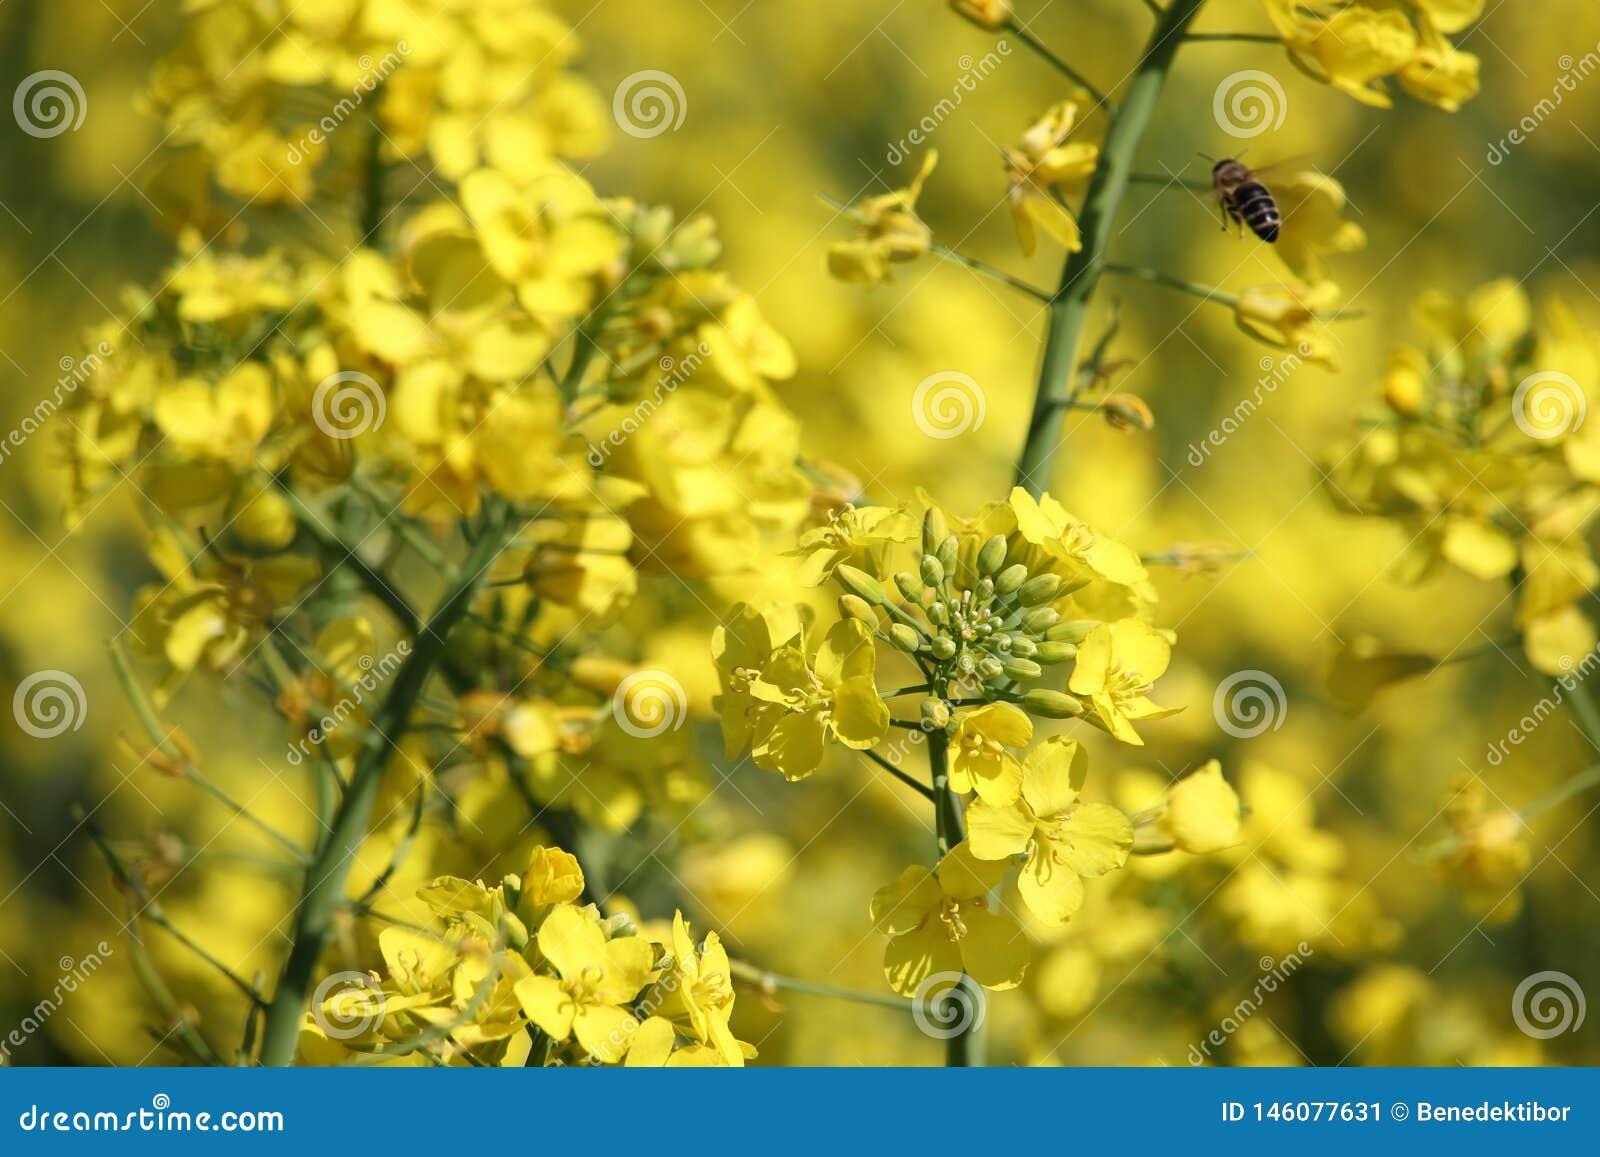 Желтые цветки рапса с крупным планом пчелы летания